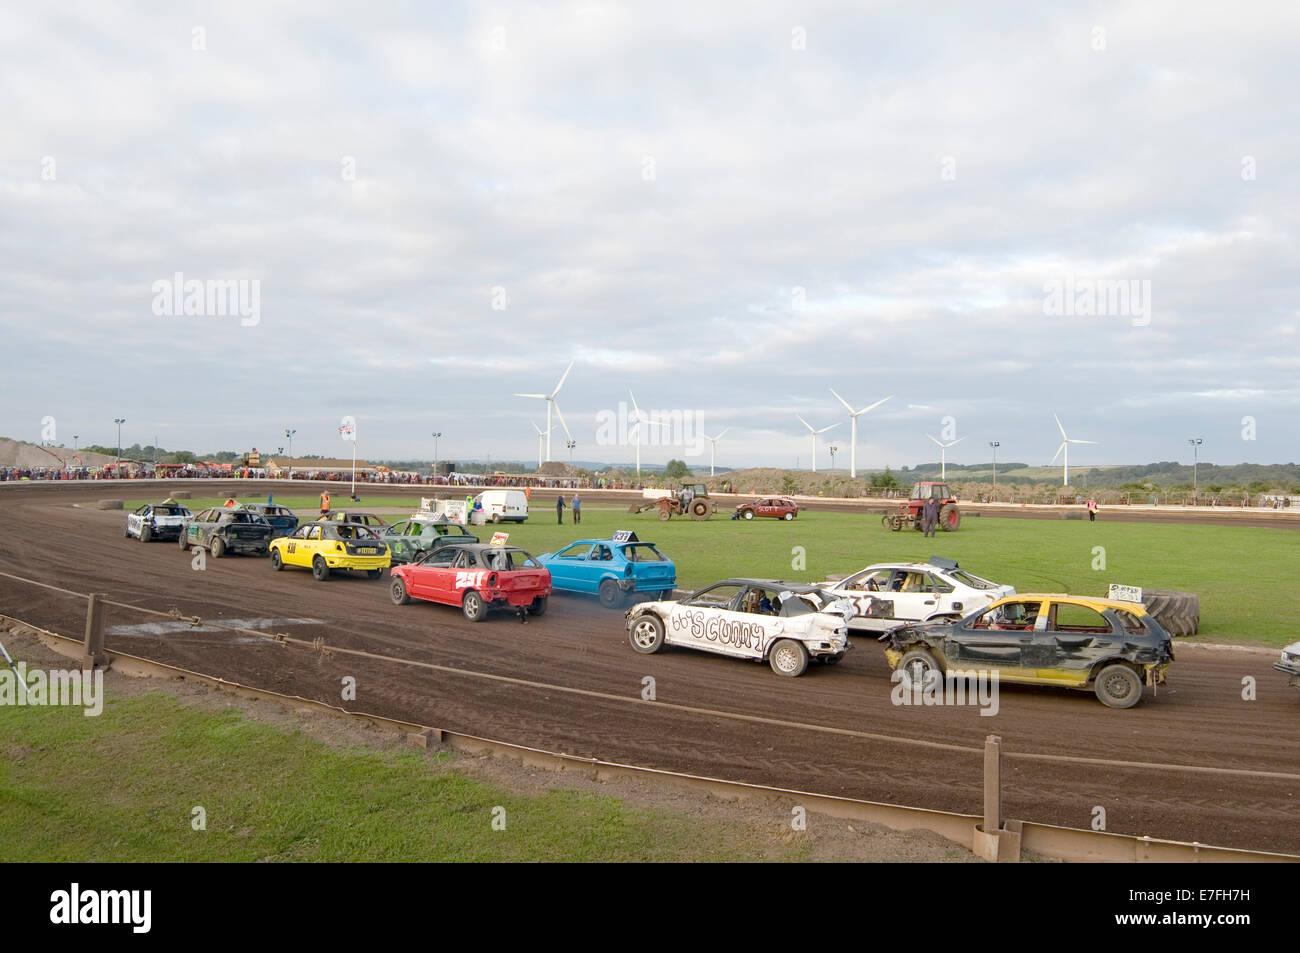 stock car race races racing track tracks banger old car cars demolition derby derbies destruction crash crashing - Stock Image